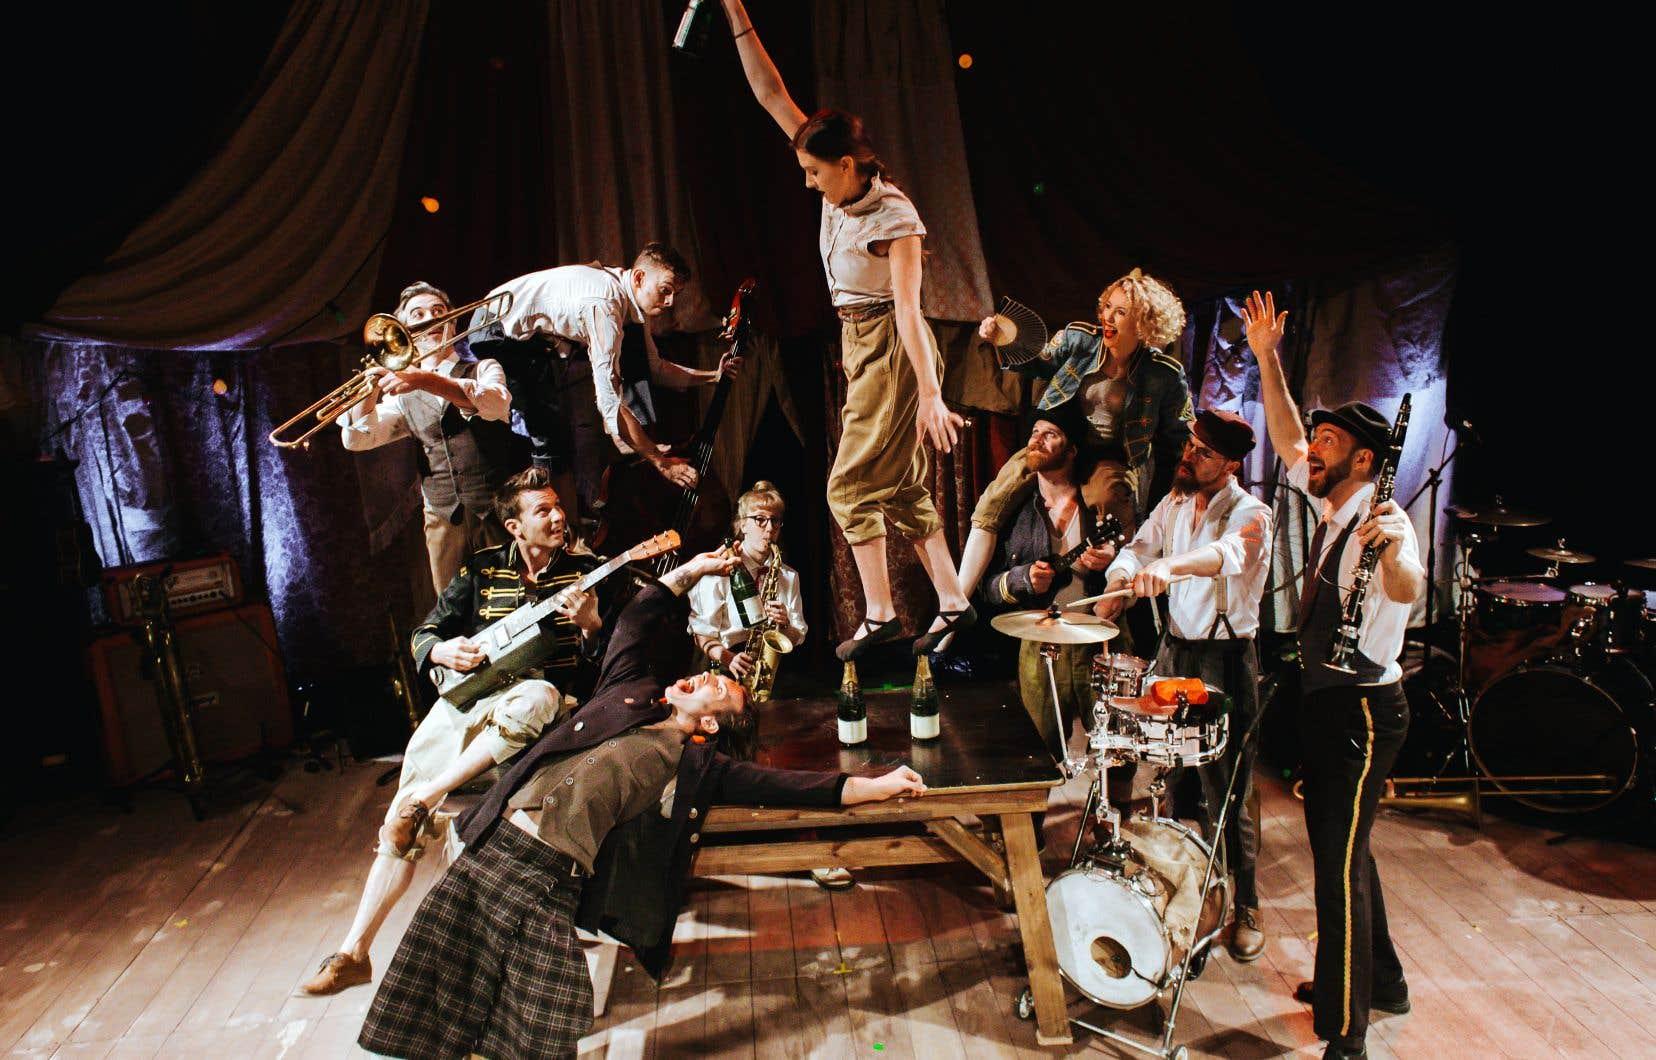 La Company 2, qui présentera son spectacle «Scotch and Soda» à Complètement cirque, a été fondée par deux anciens de la compagnie Circa.